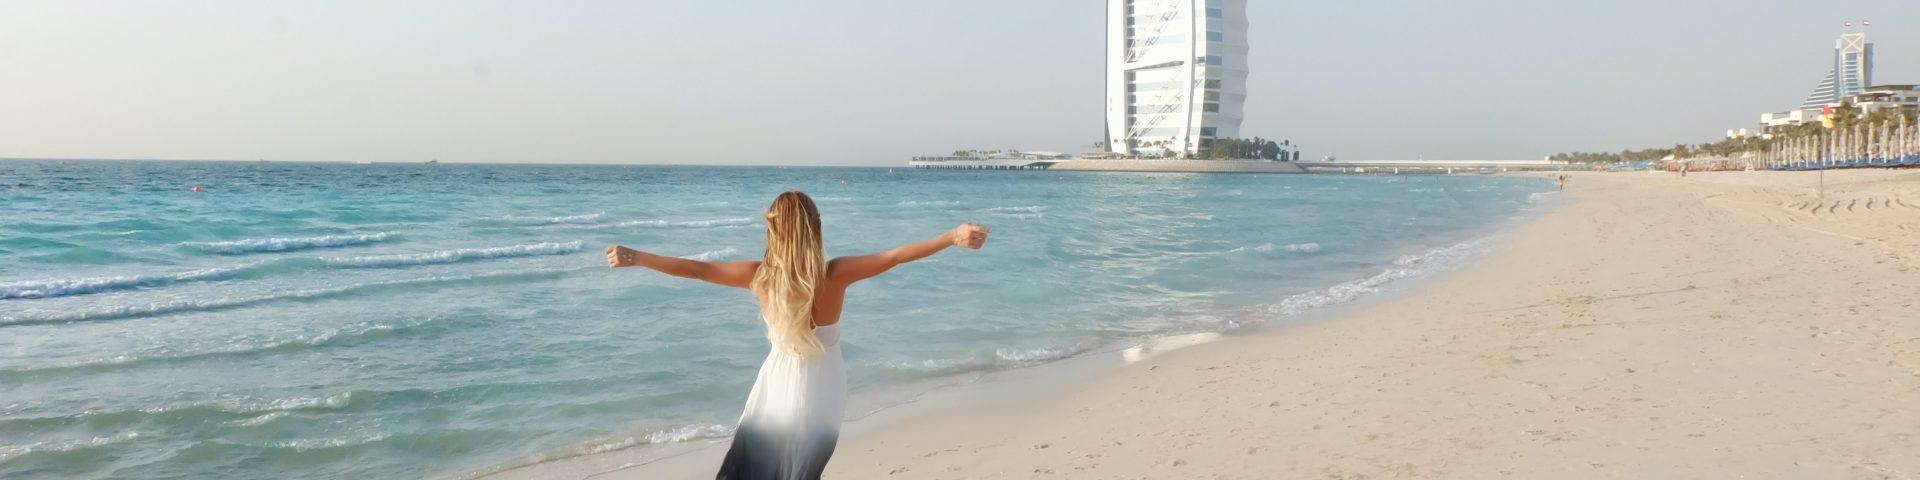 girl posing infront of burj al arab in dubai